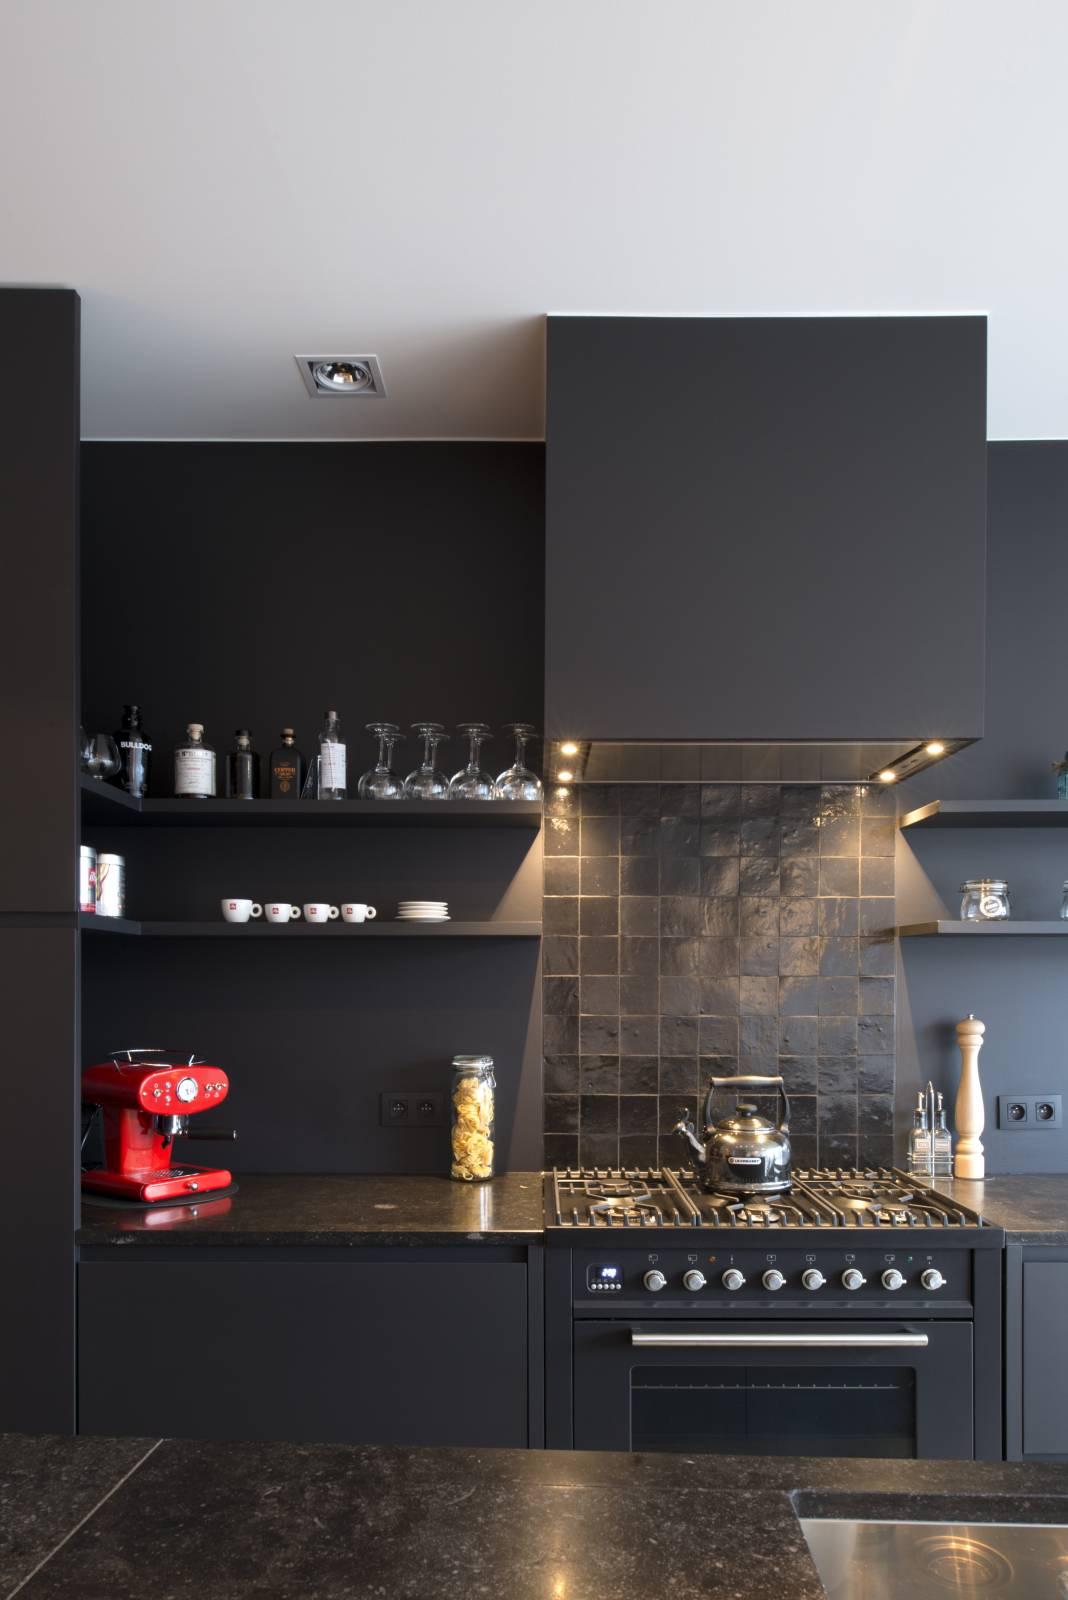 Dsm Keukens Op Maat : Keukens Op Maat Pictures to pin on Pinterest